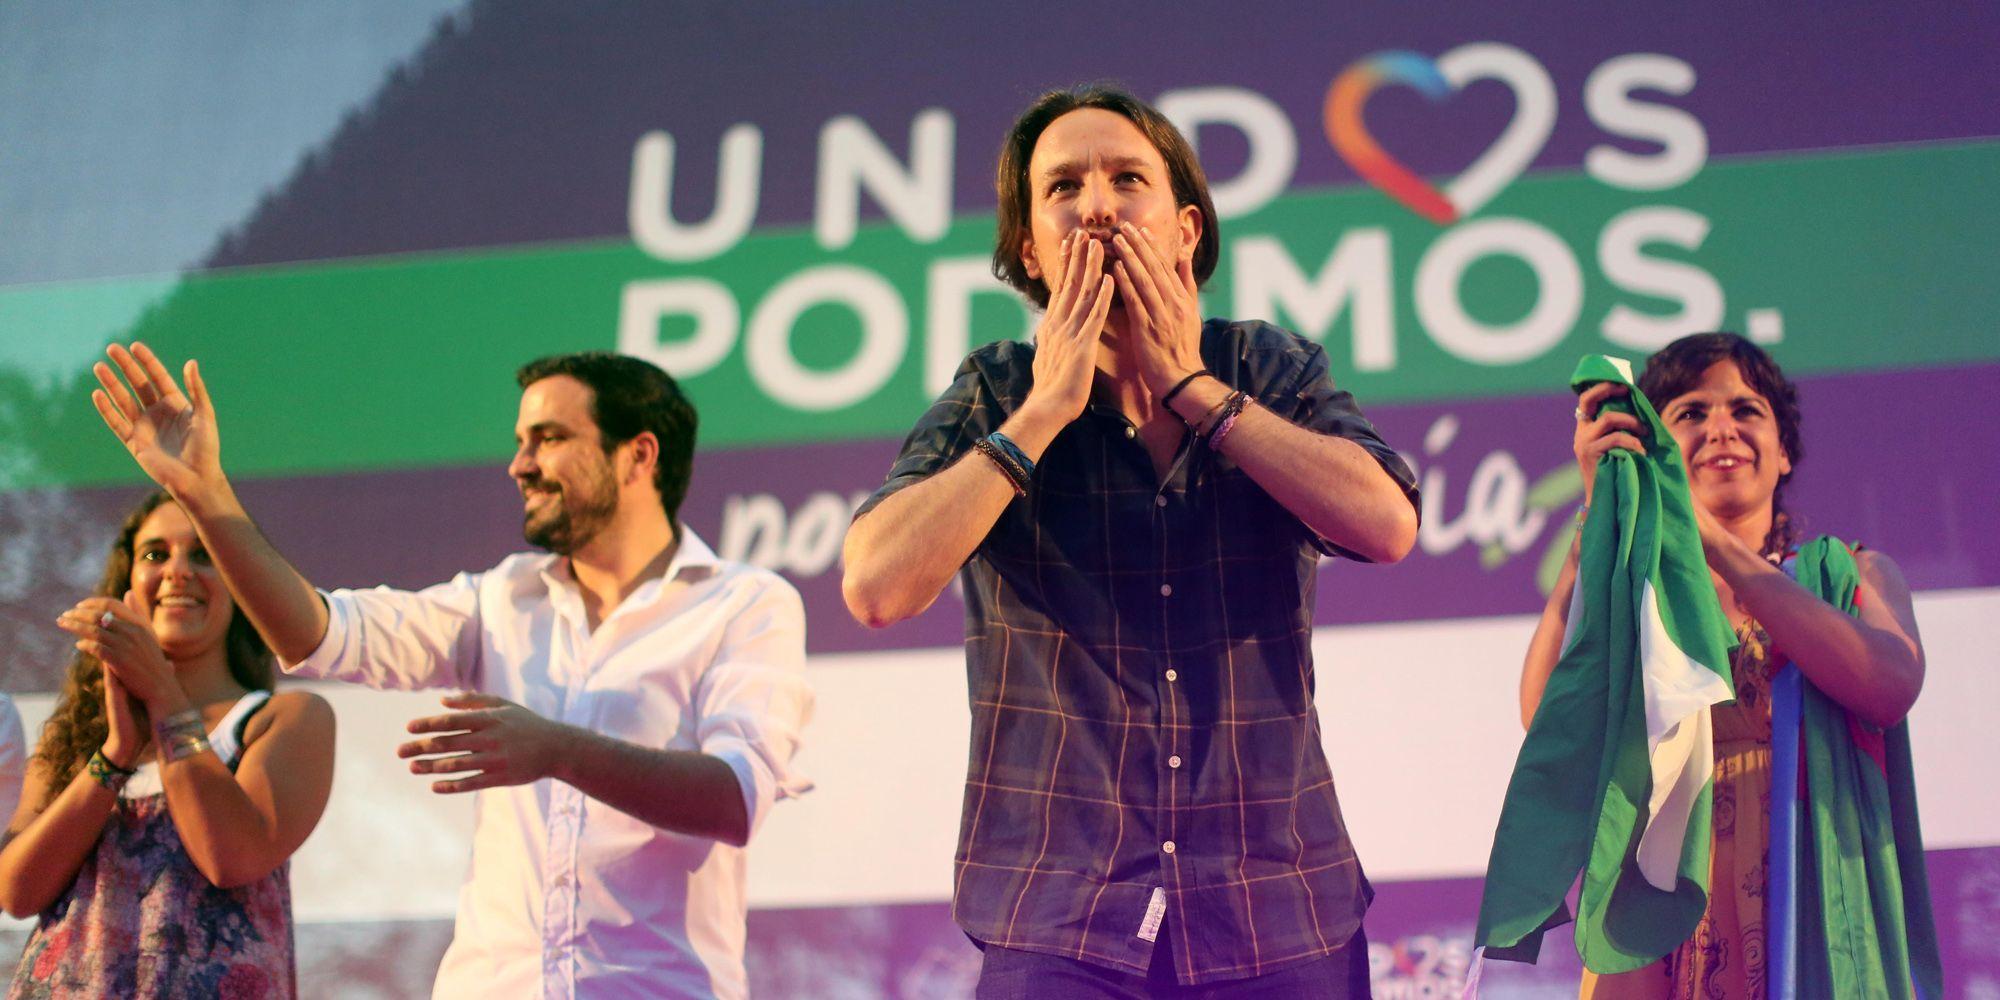 Pablo Iglesias lanza un beso a los asistentes a su mitin de Unidos Podemos en la Alameda Vieja de Jerez de la Frontera  23 jun 2016   Juan Carlos Corchado para MIRA Jerez